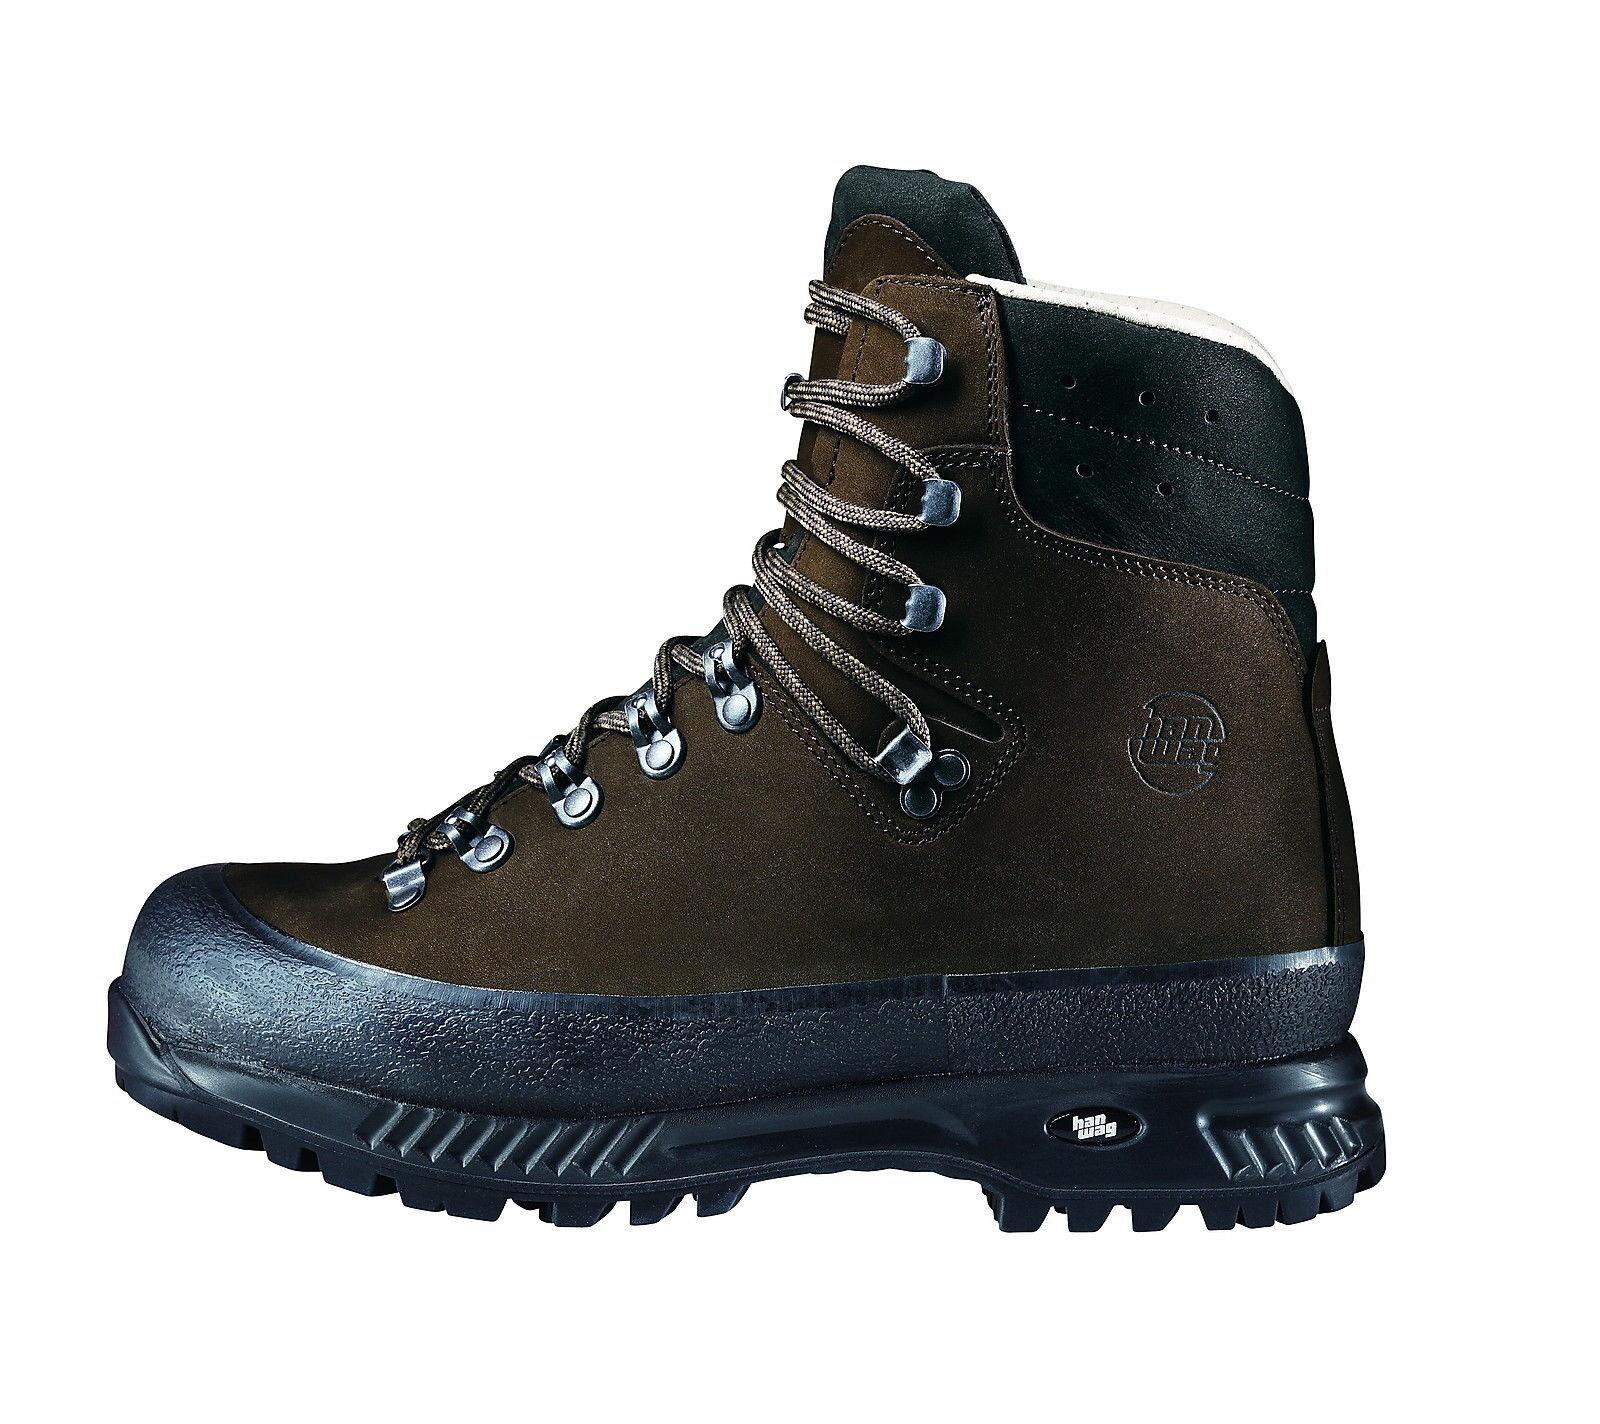 Hanwag Bergschuhe: Yukon Men Leder Größe 8,5 - 42,5 erde